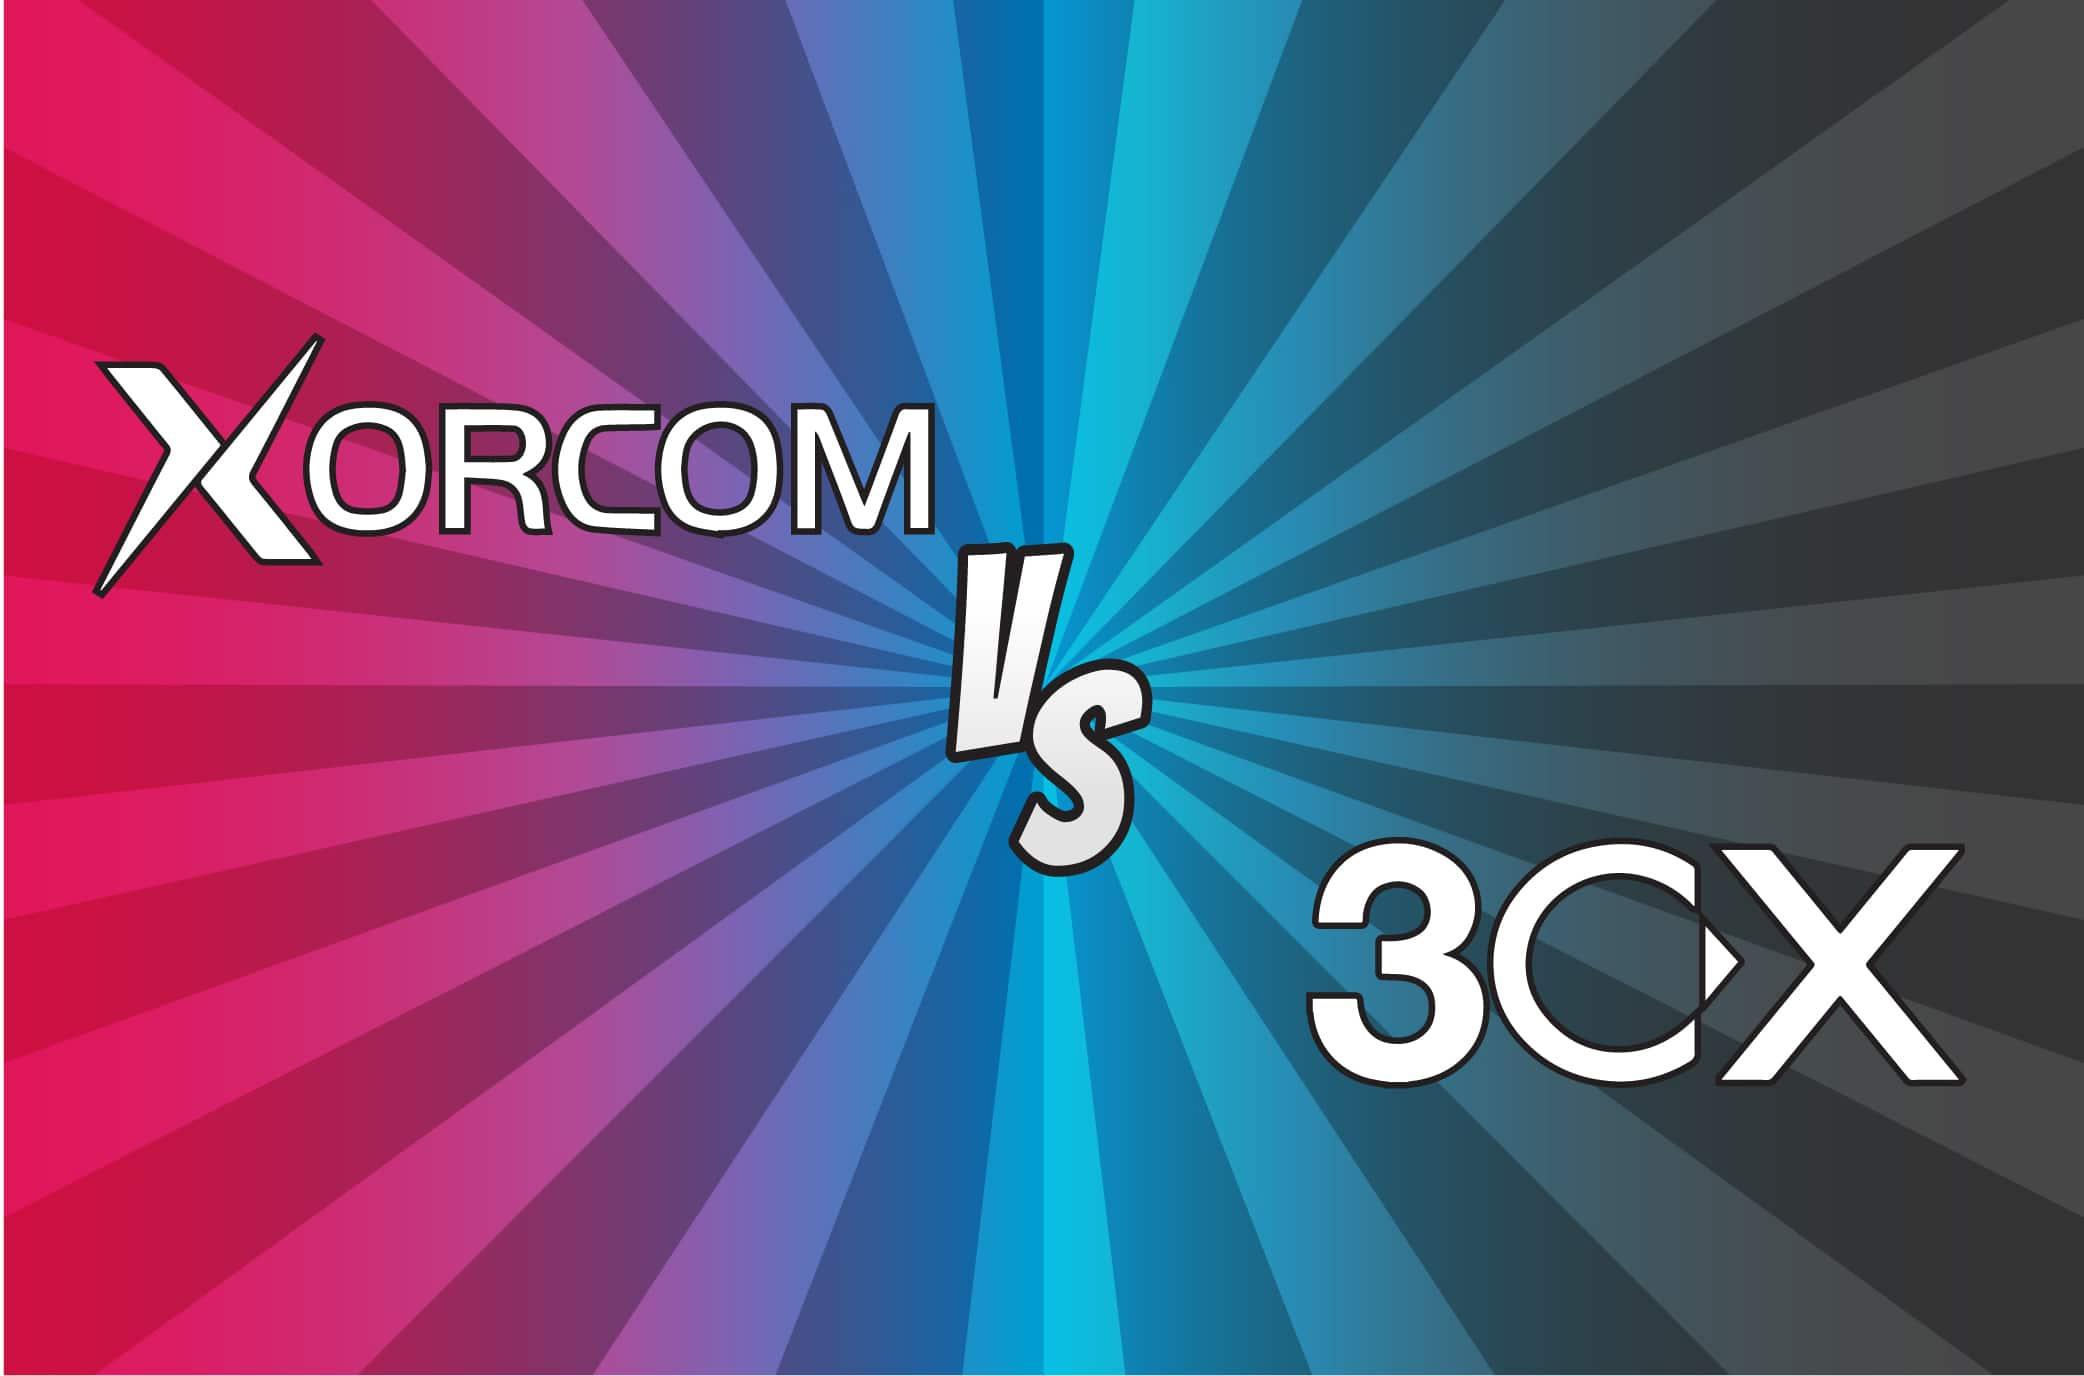 Image de confrontation Xorcom 3CX